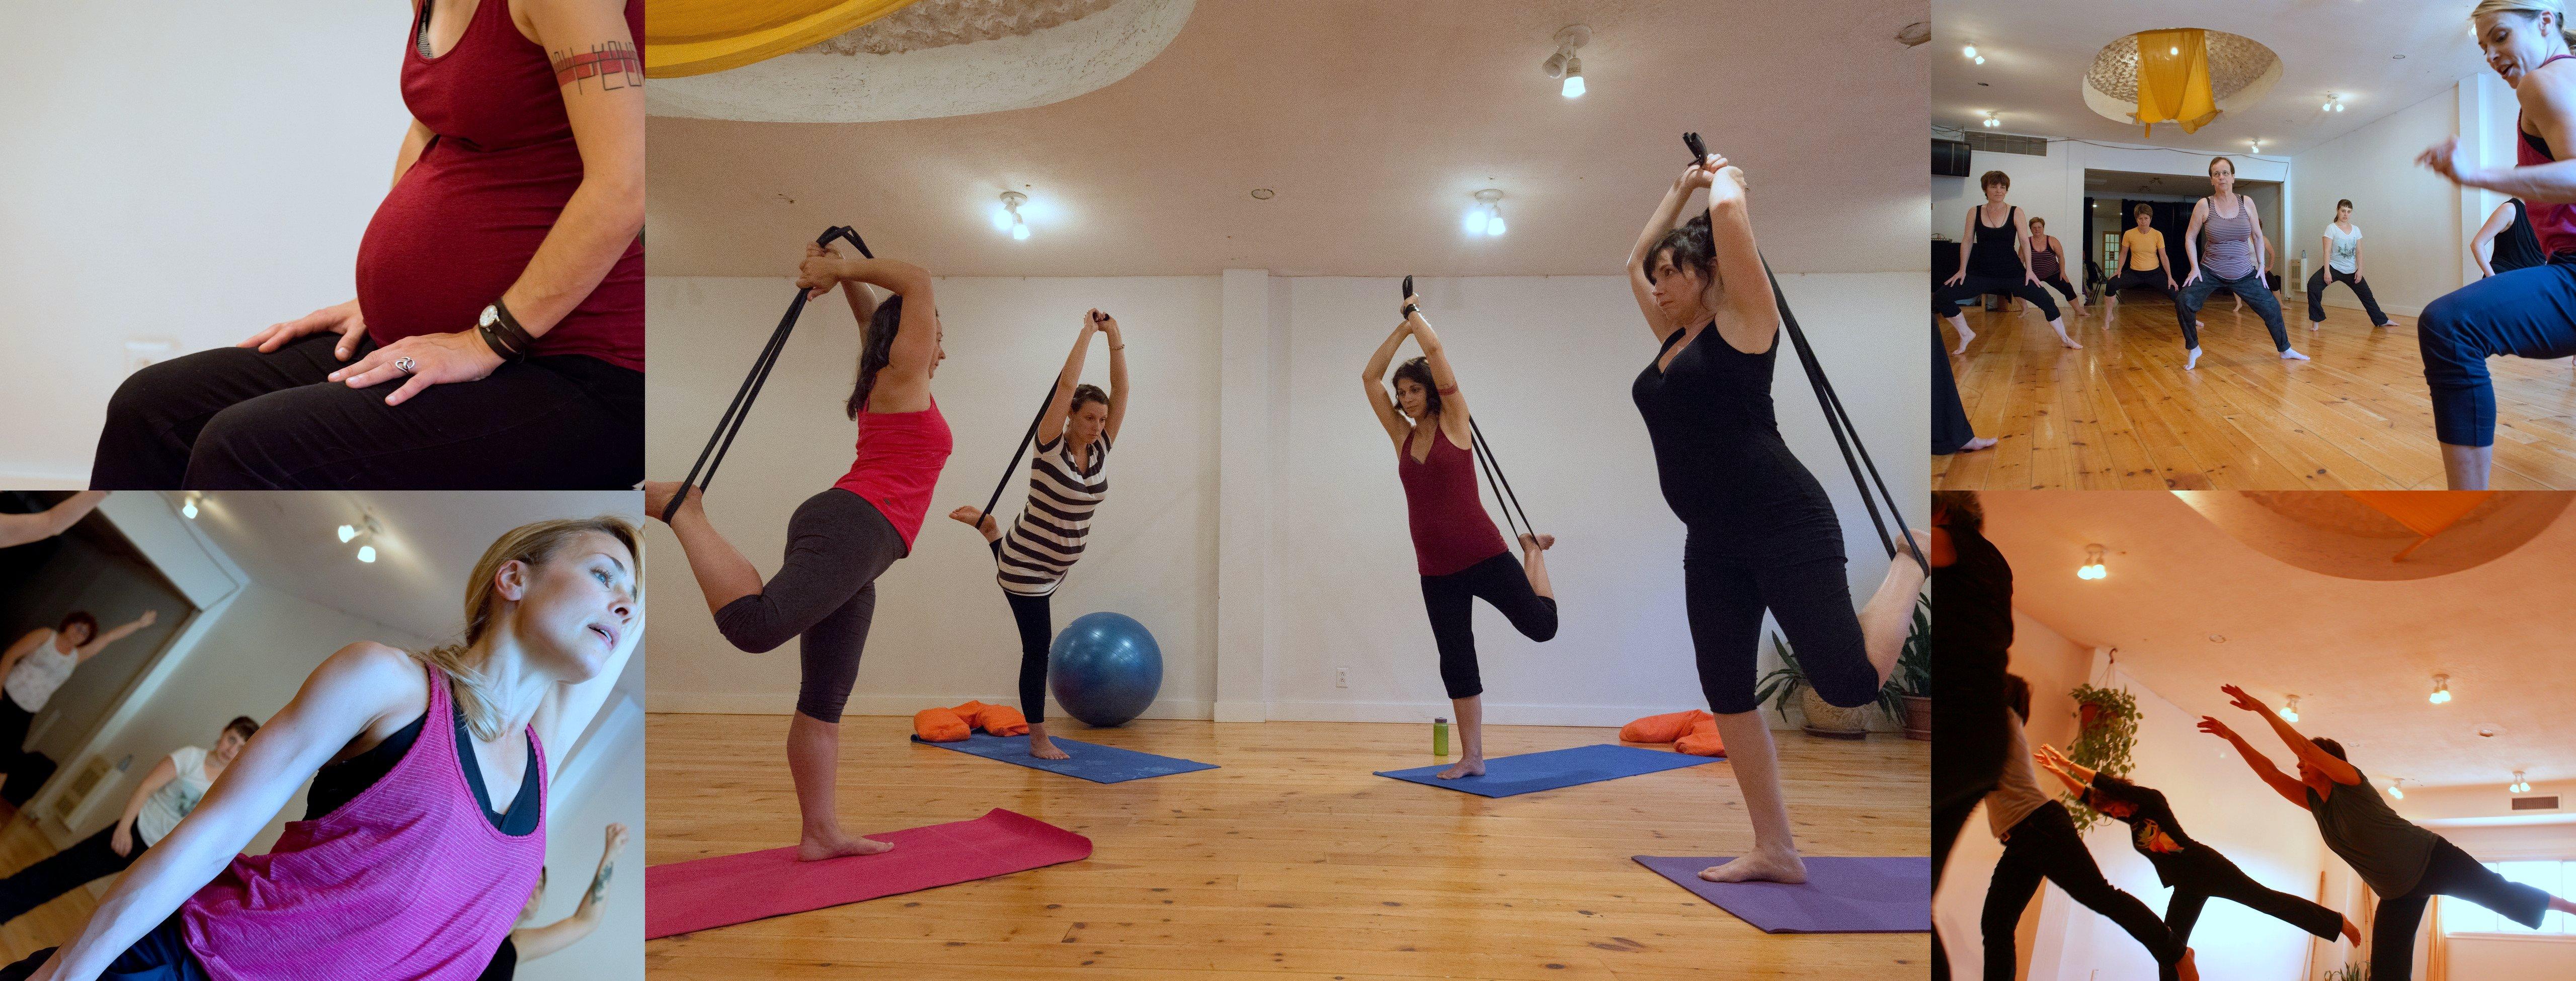 Danse contemporaine, Essentrics, Yoga, Pilates, pré-post natal, venez bouger avec nous cet automne!